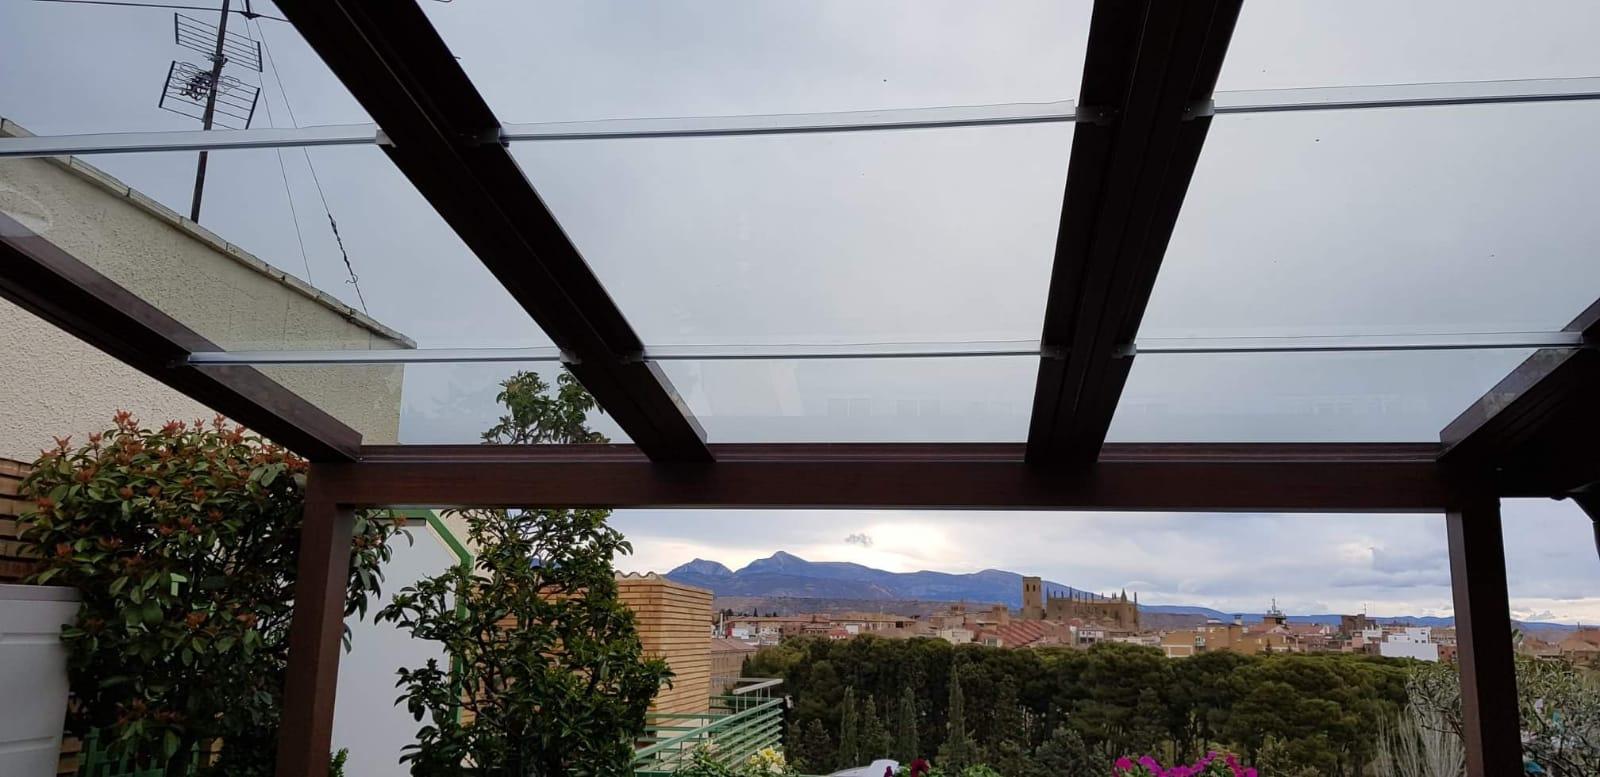 Instalación techo móvil de cristal. Huesca